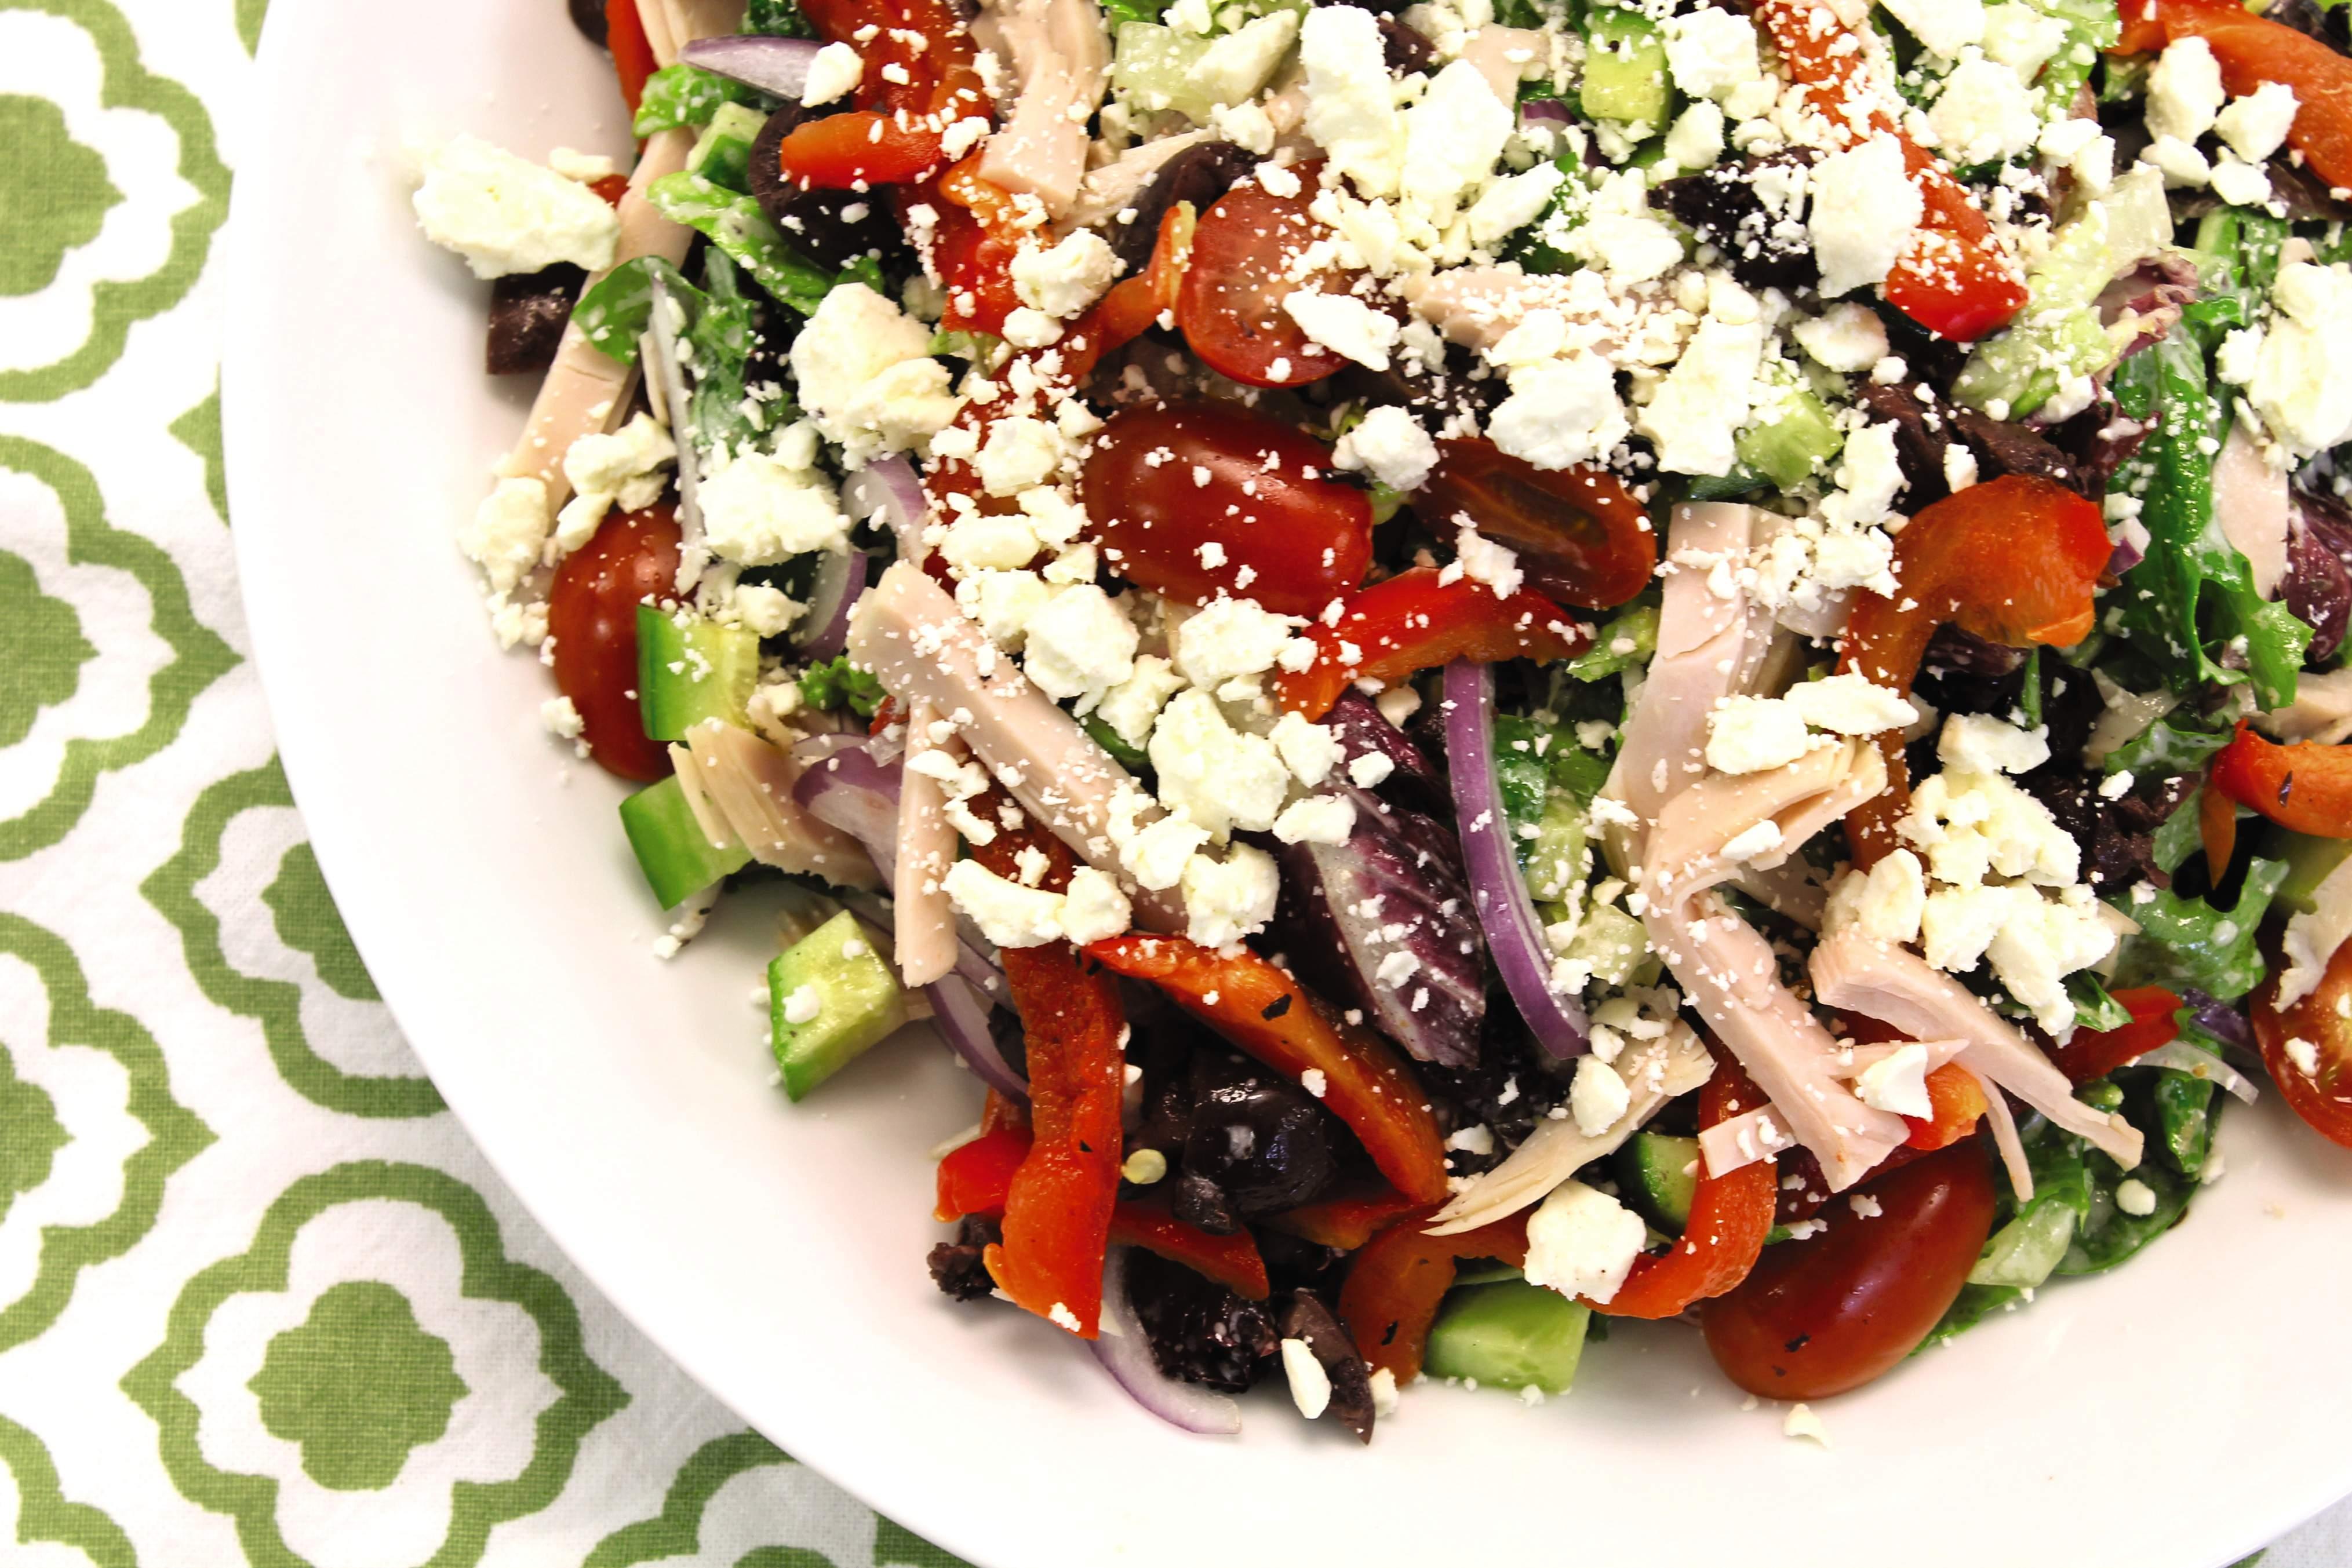 Mediterranean chopped salad with turkey, feta, and lemon yogurt dressing.